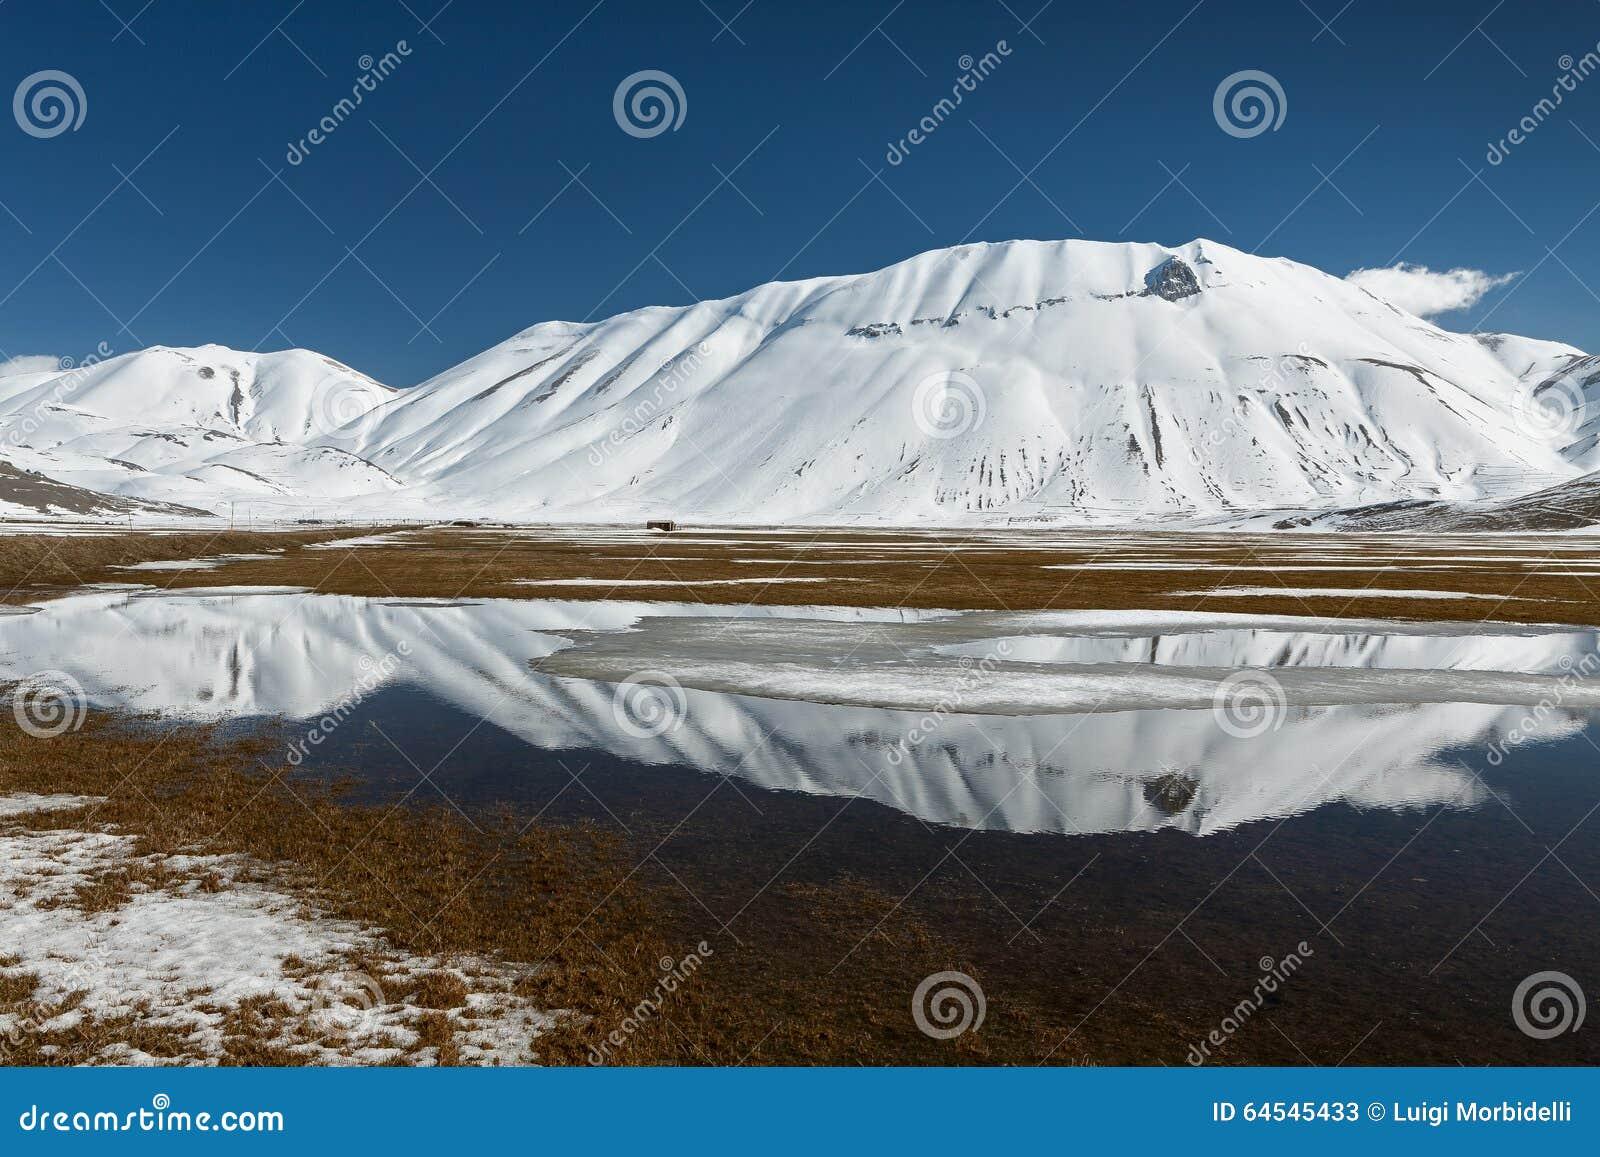 Sibillinibergen in het water met sneeuw worden weerspiegeld die